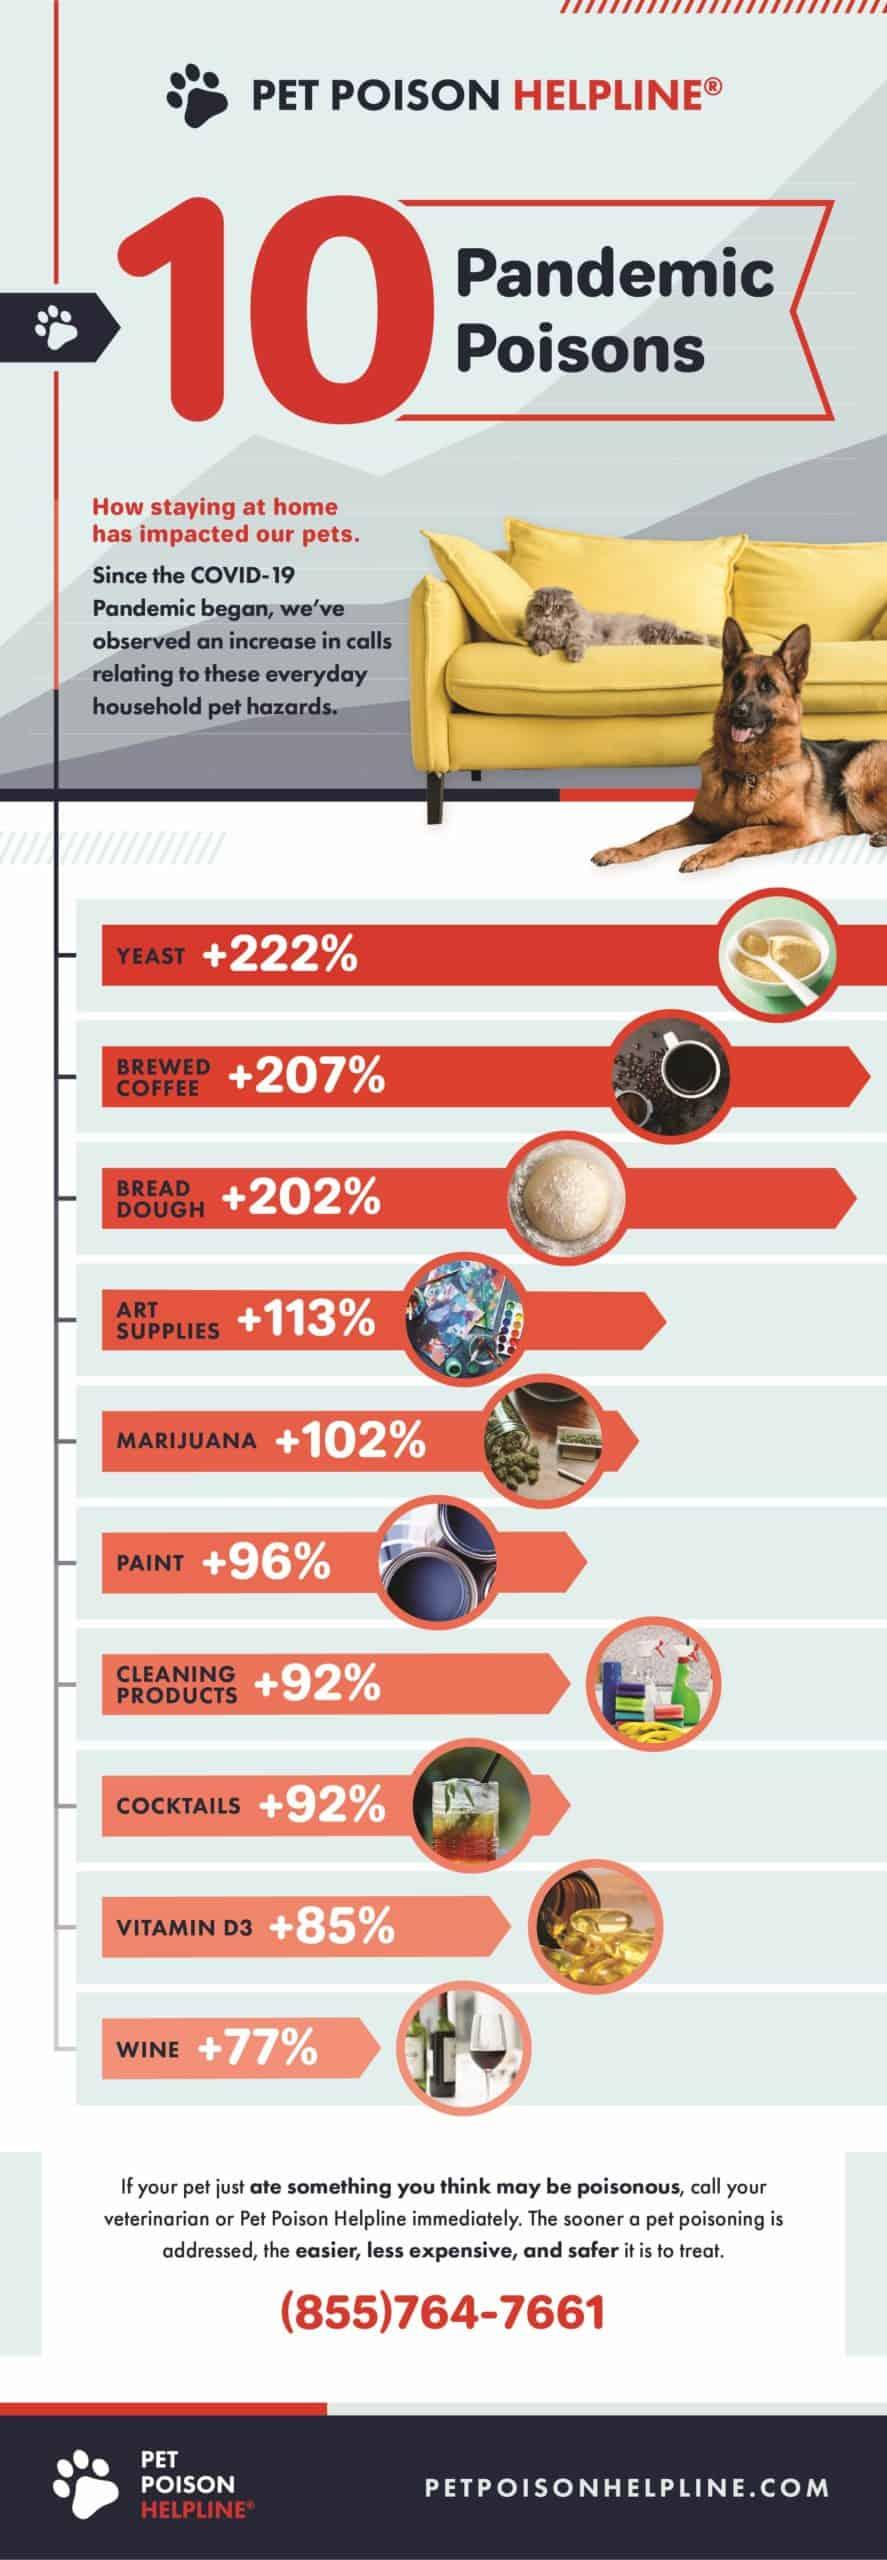 Pandemic poison graphic courtesy Pet Poison Helpline.